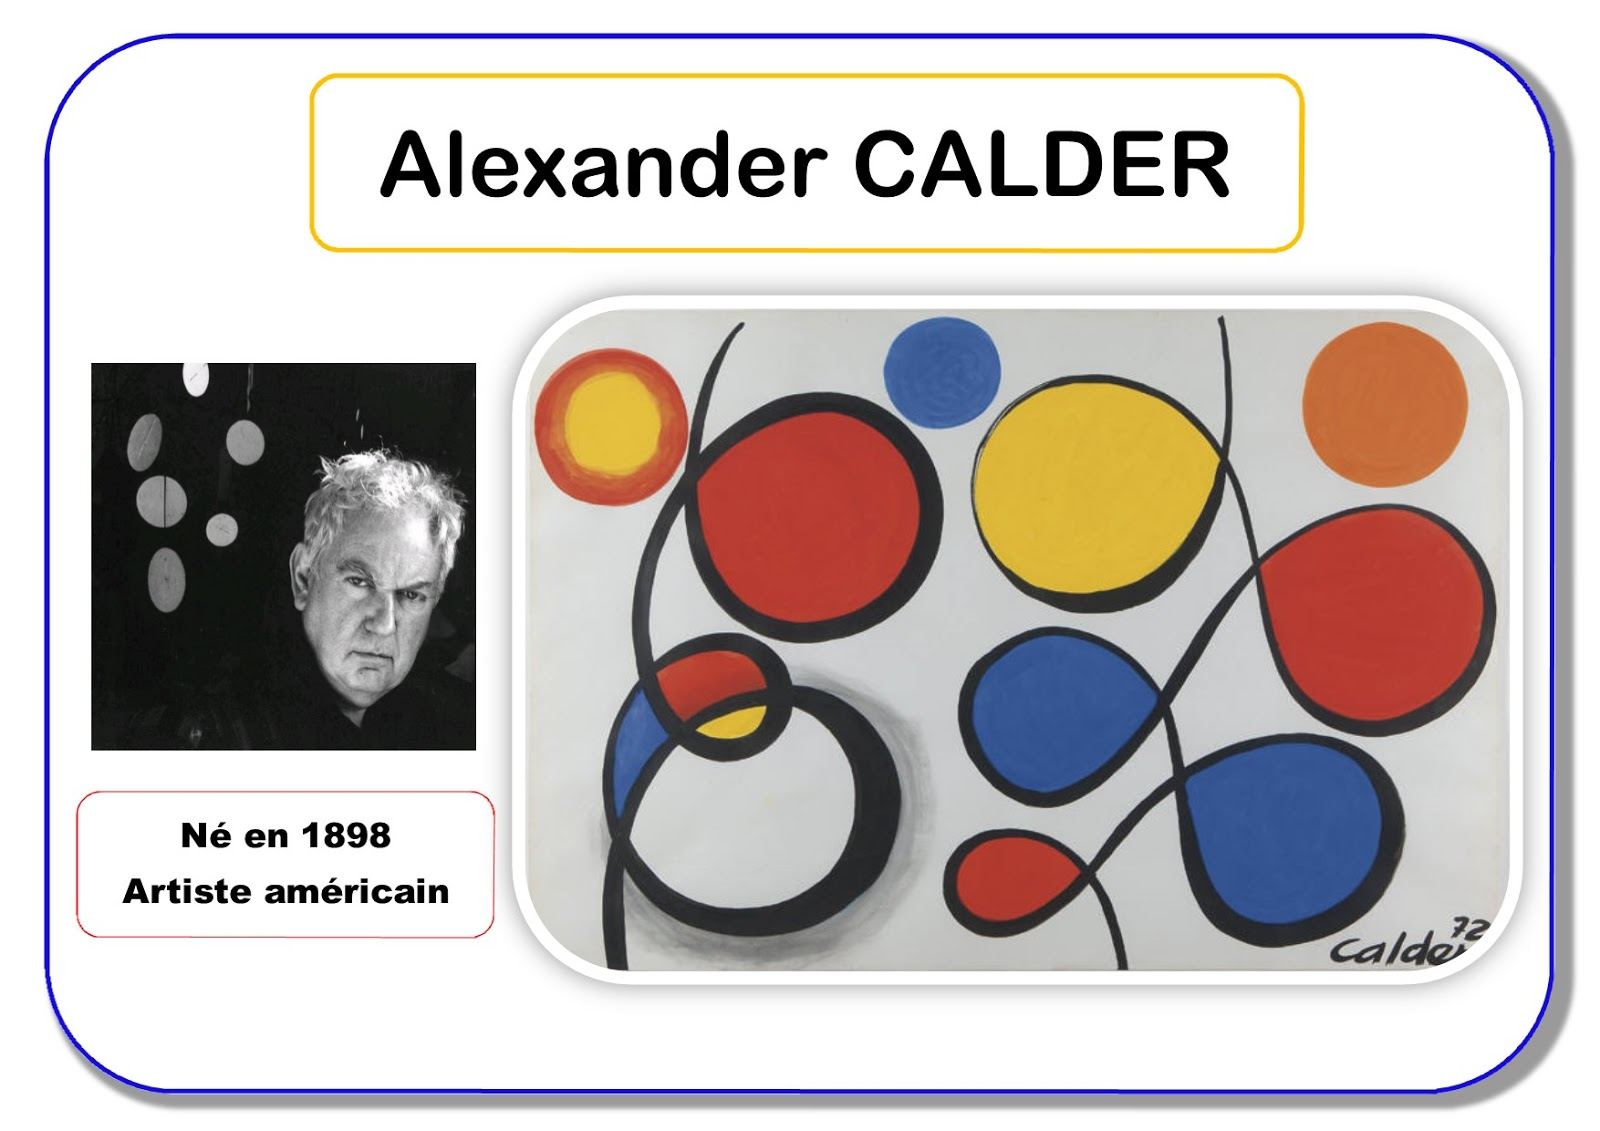 Résultat d'images pour boucle alexander calder